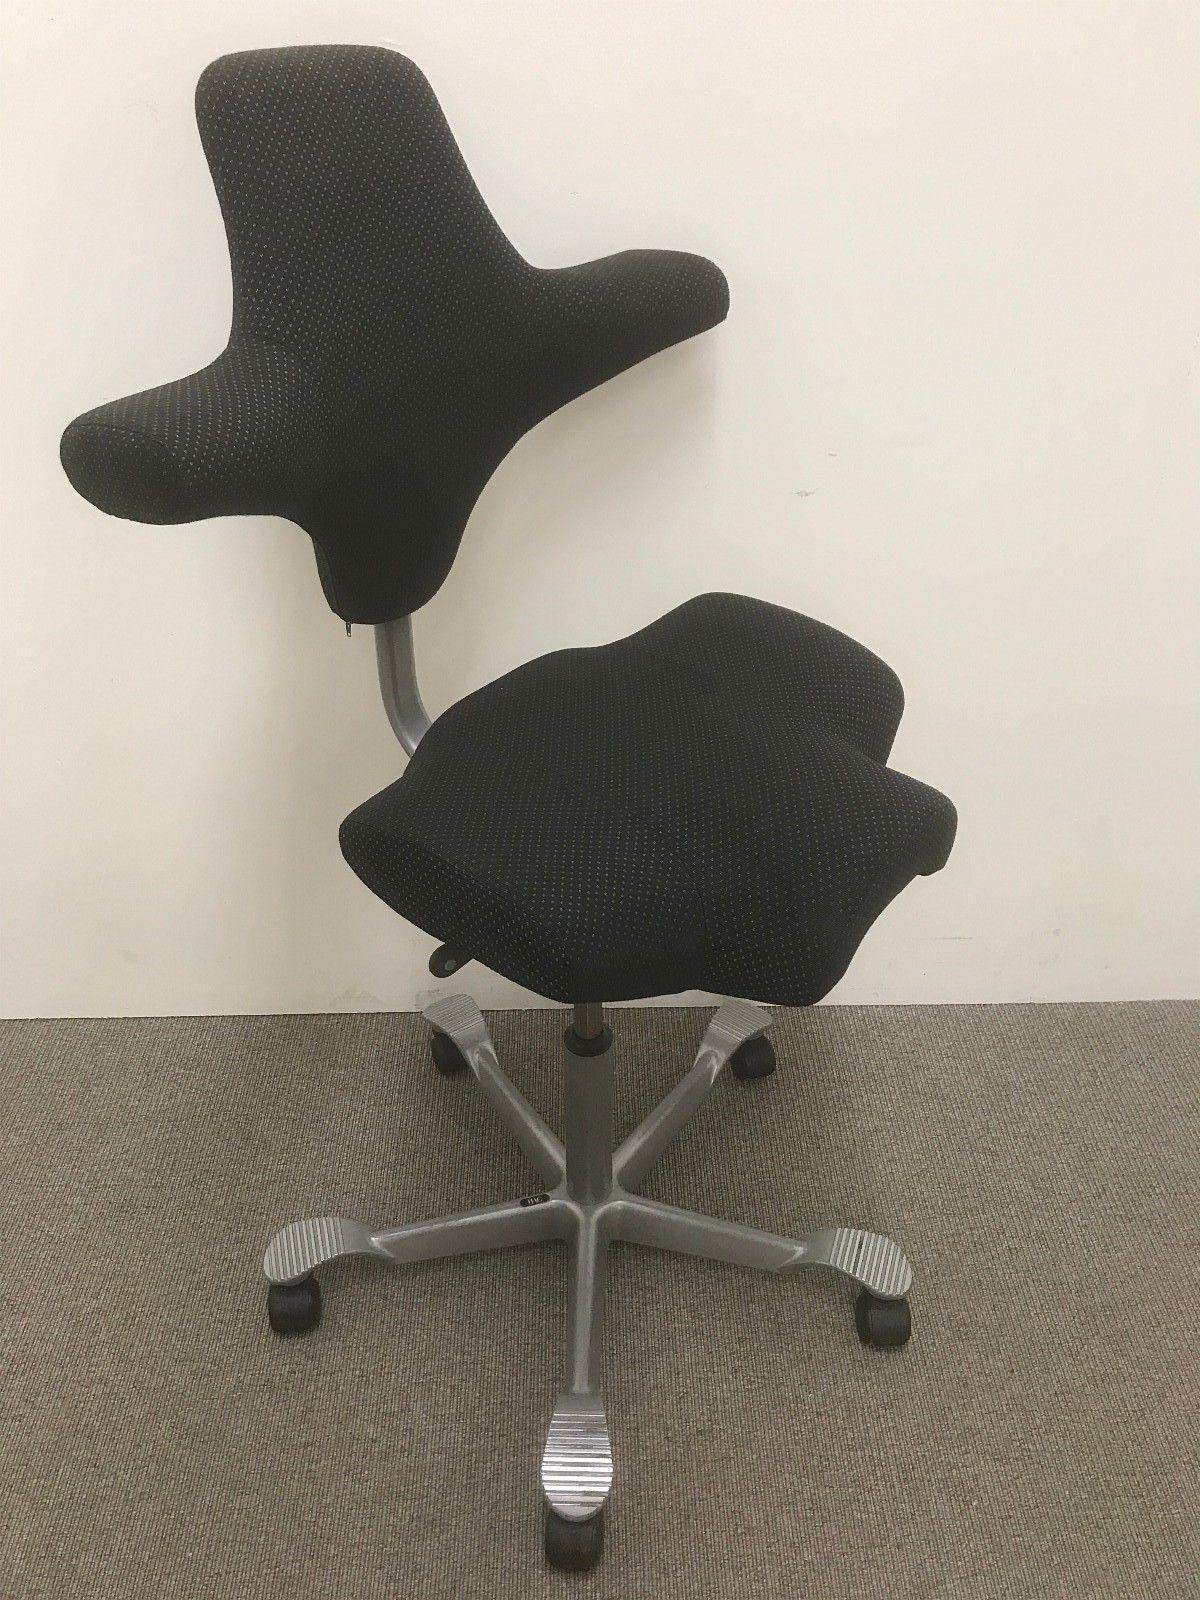 1 stk Håg Capisco kontorstol med sort trekk med prikker